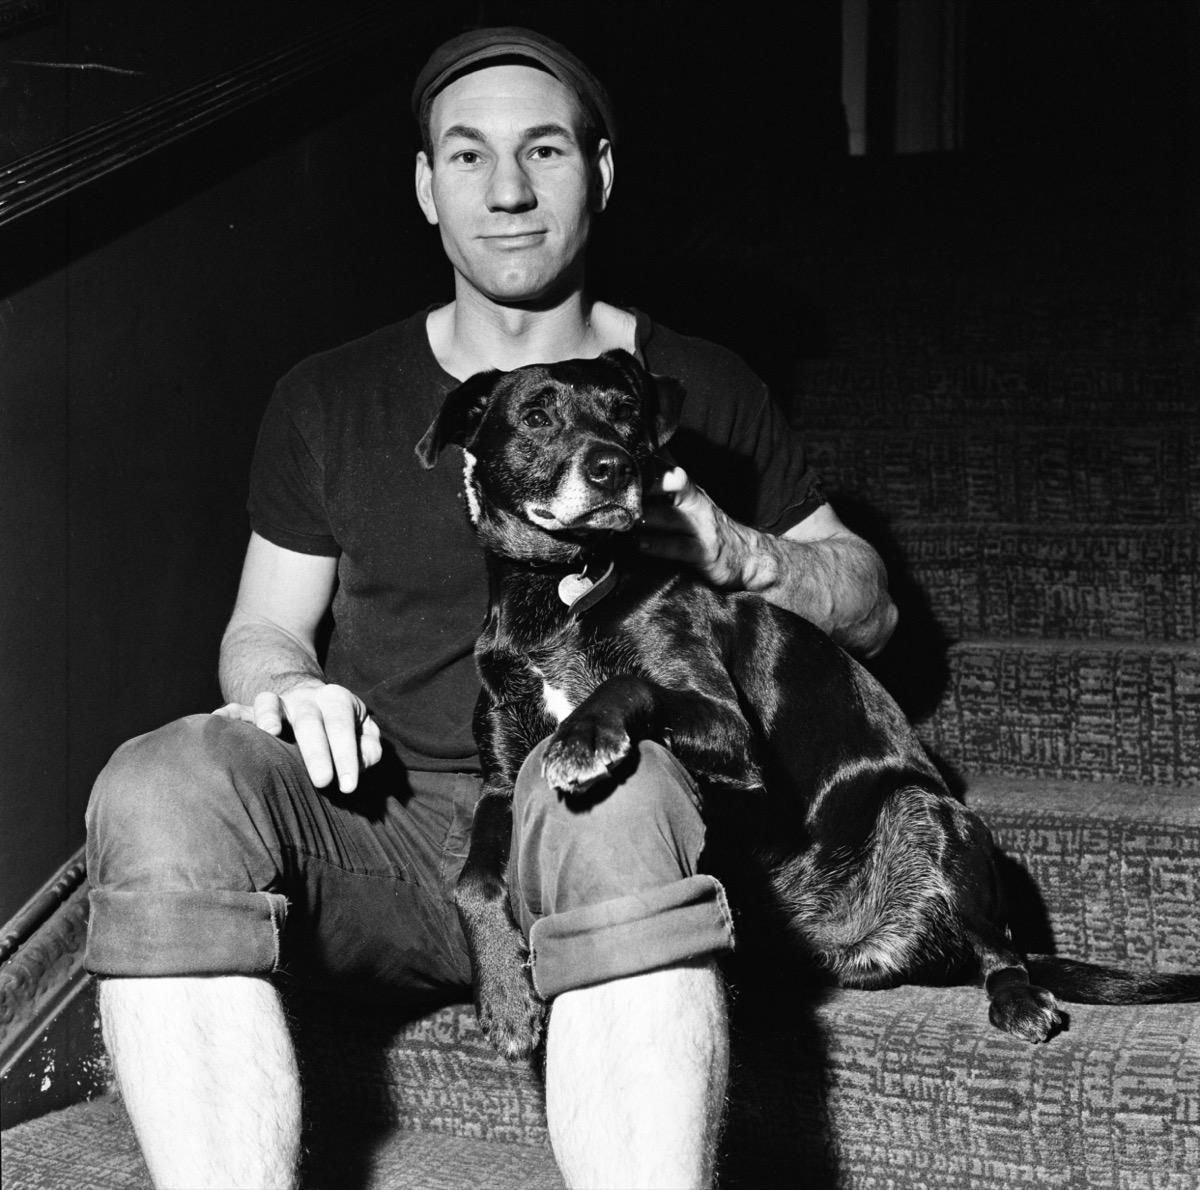 Patrick Stewart in 1970